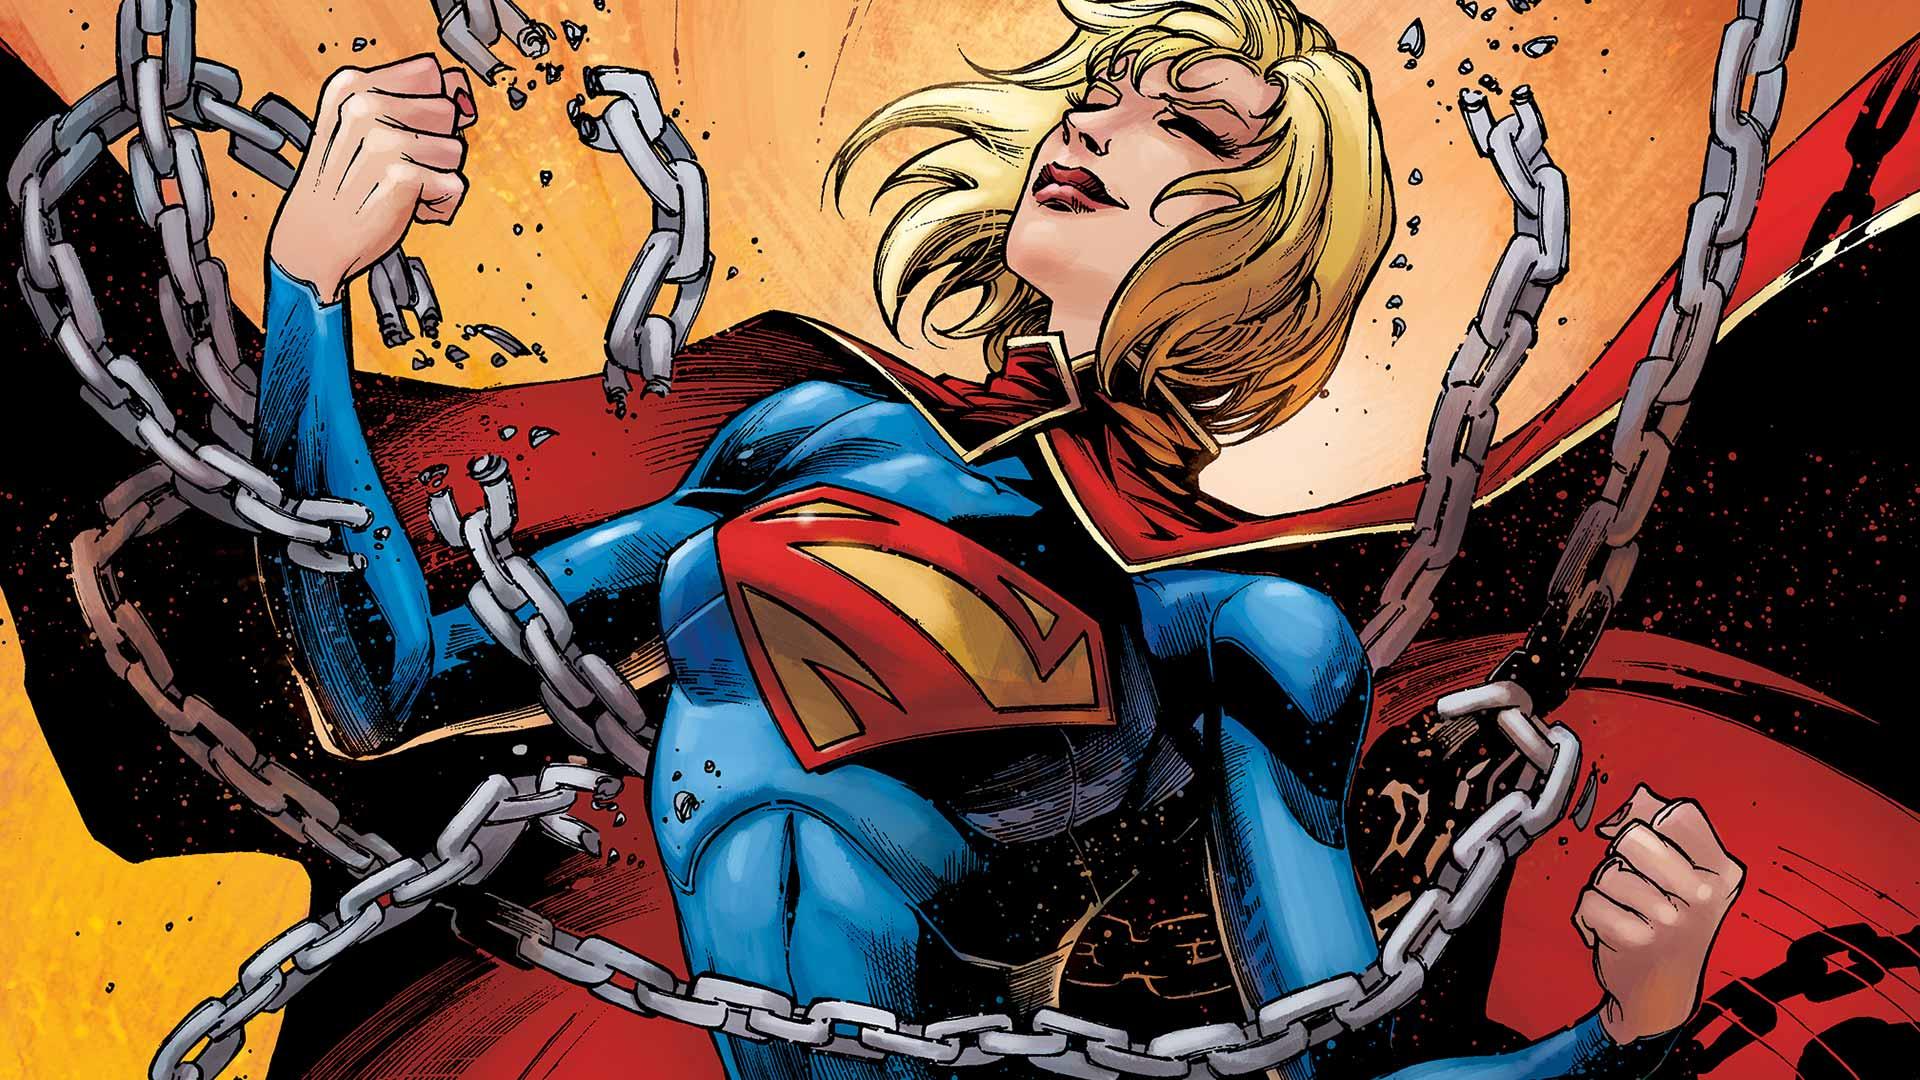 supergirl comic 1920x1080 ile ilgili görsel sonucu